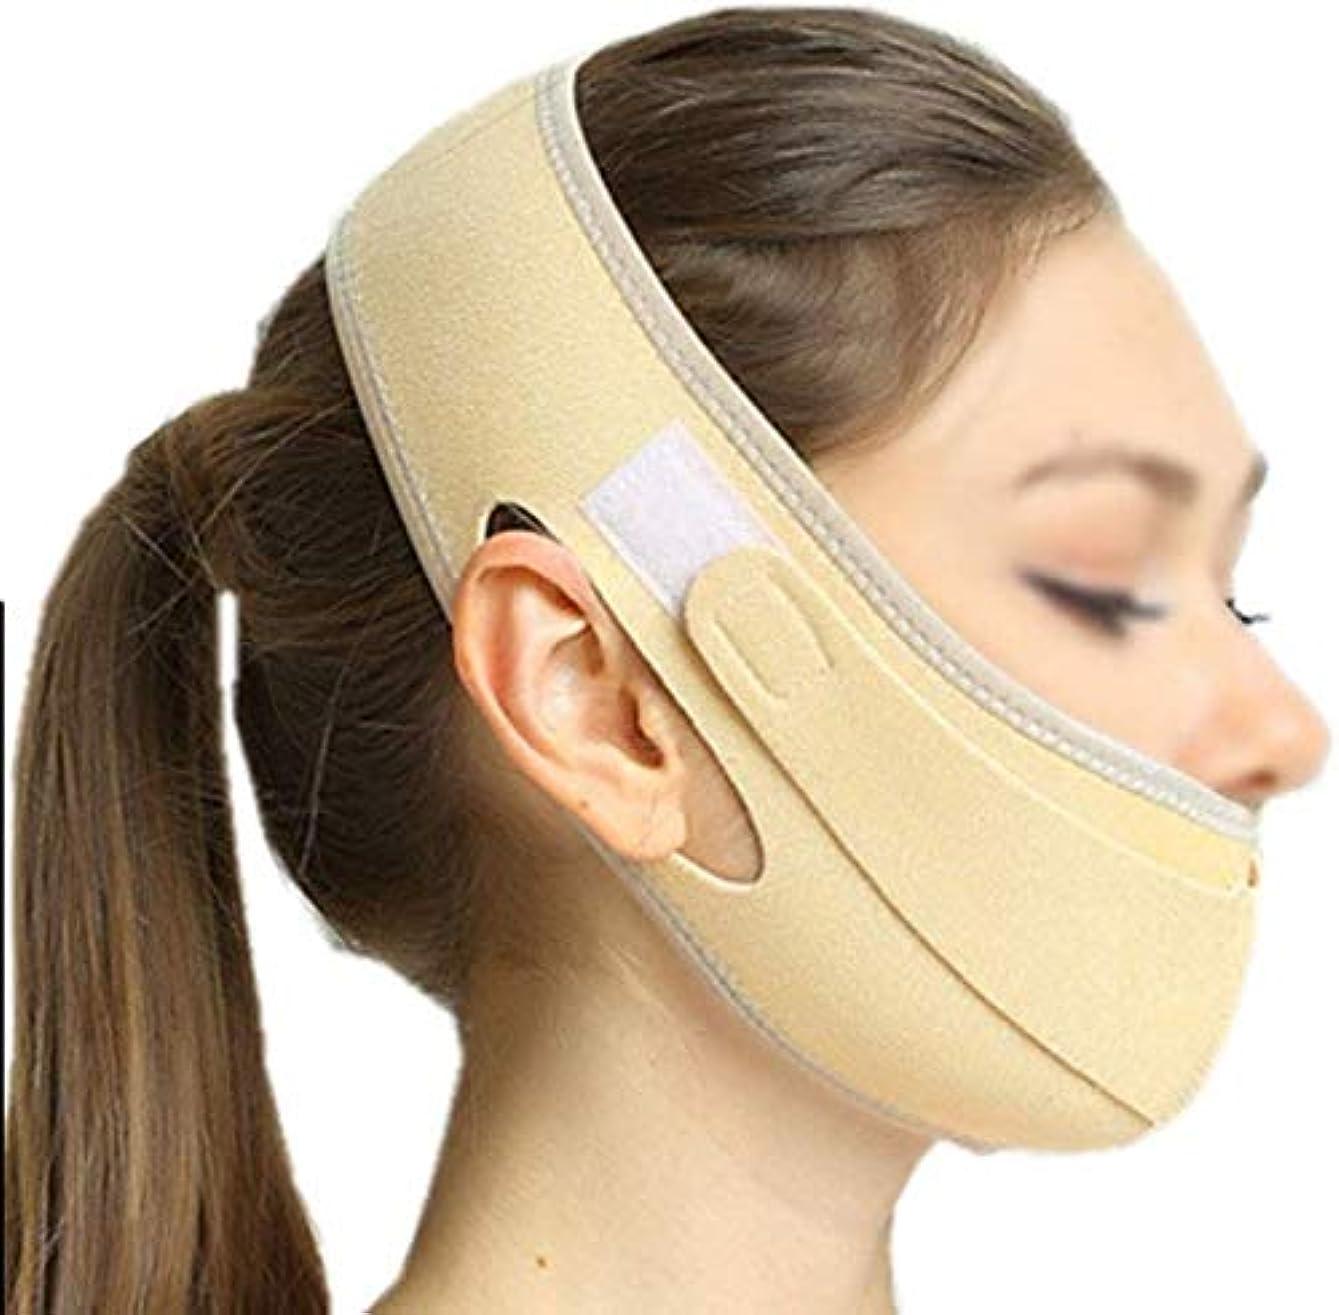 正規化起業家降下美容と実用的なフェイスリフトマスク、化粧品回復マスク、薄いダブルチンリフティングスキンで小さなVフェイスバンデージを作成